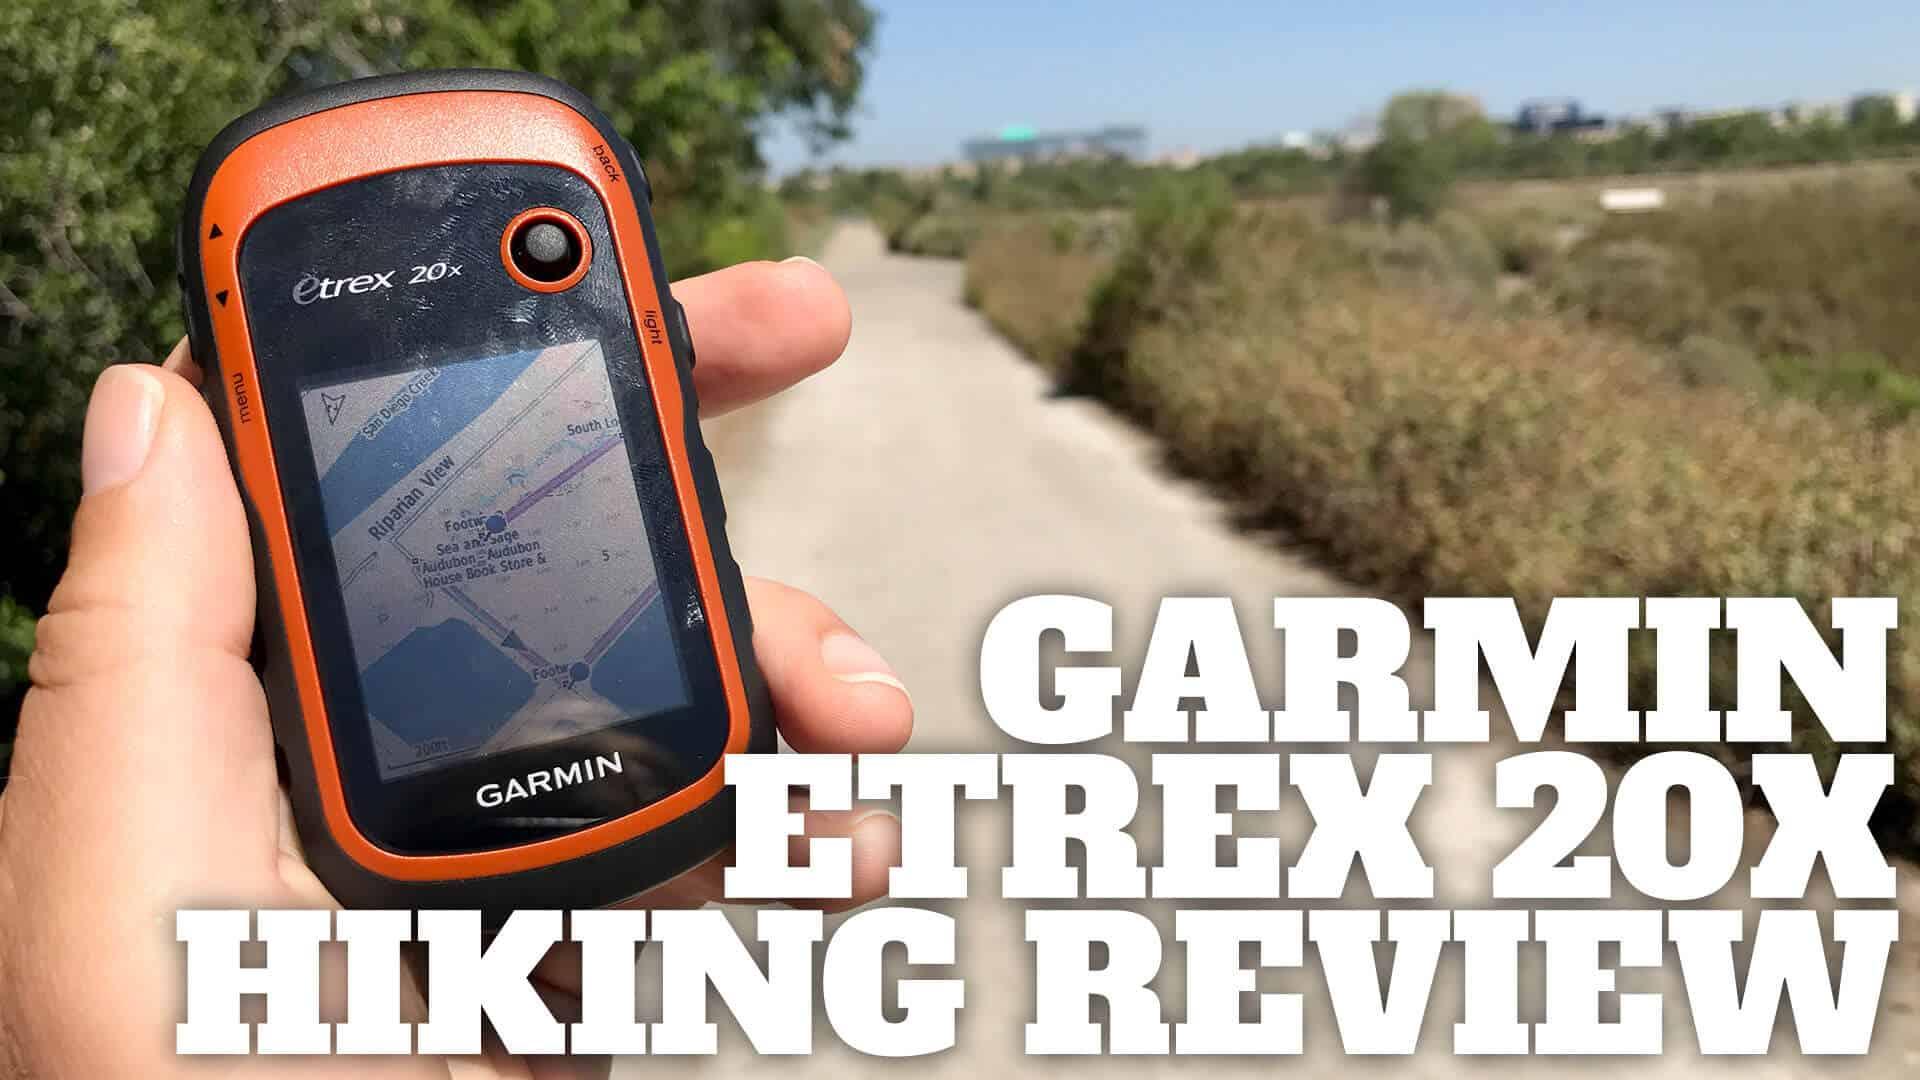 Garmin eTrex 20x and case bundle